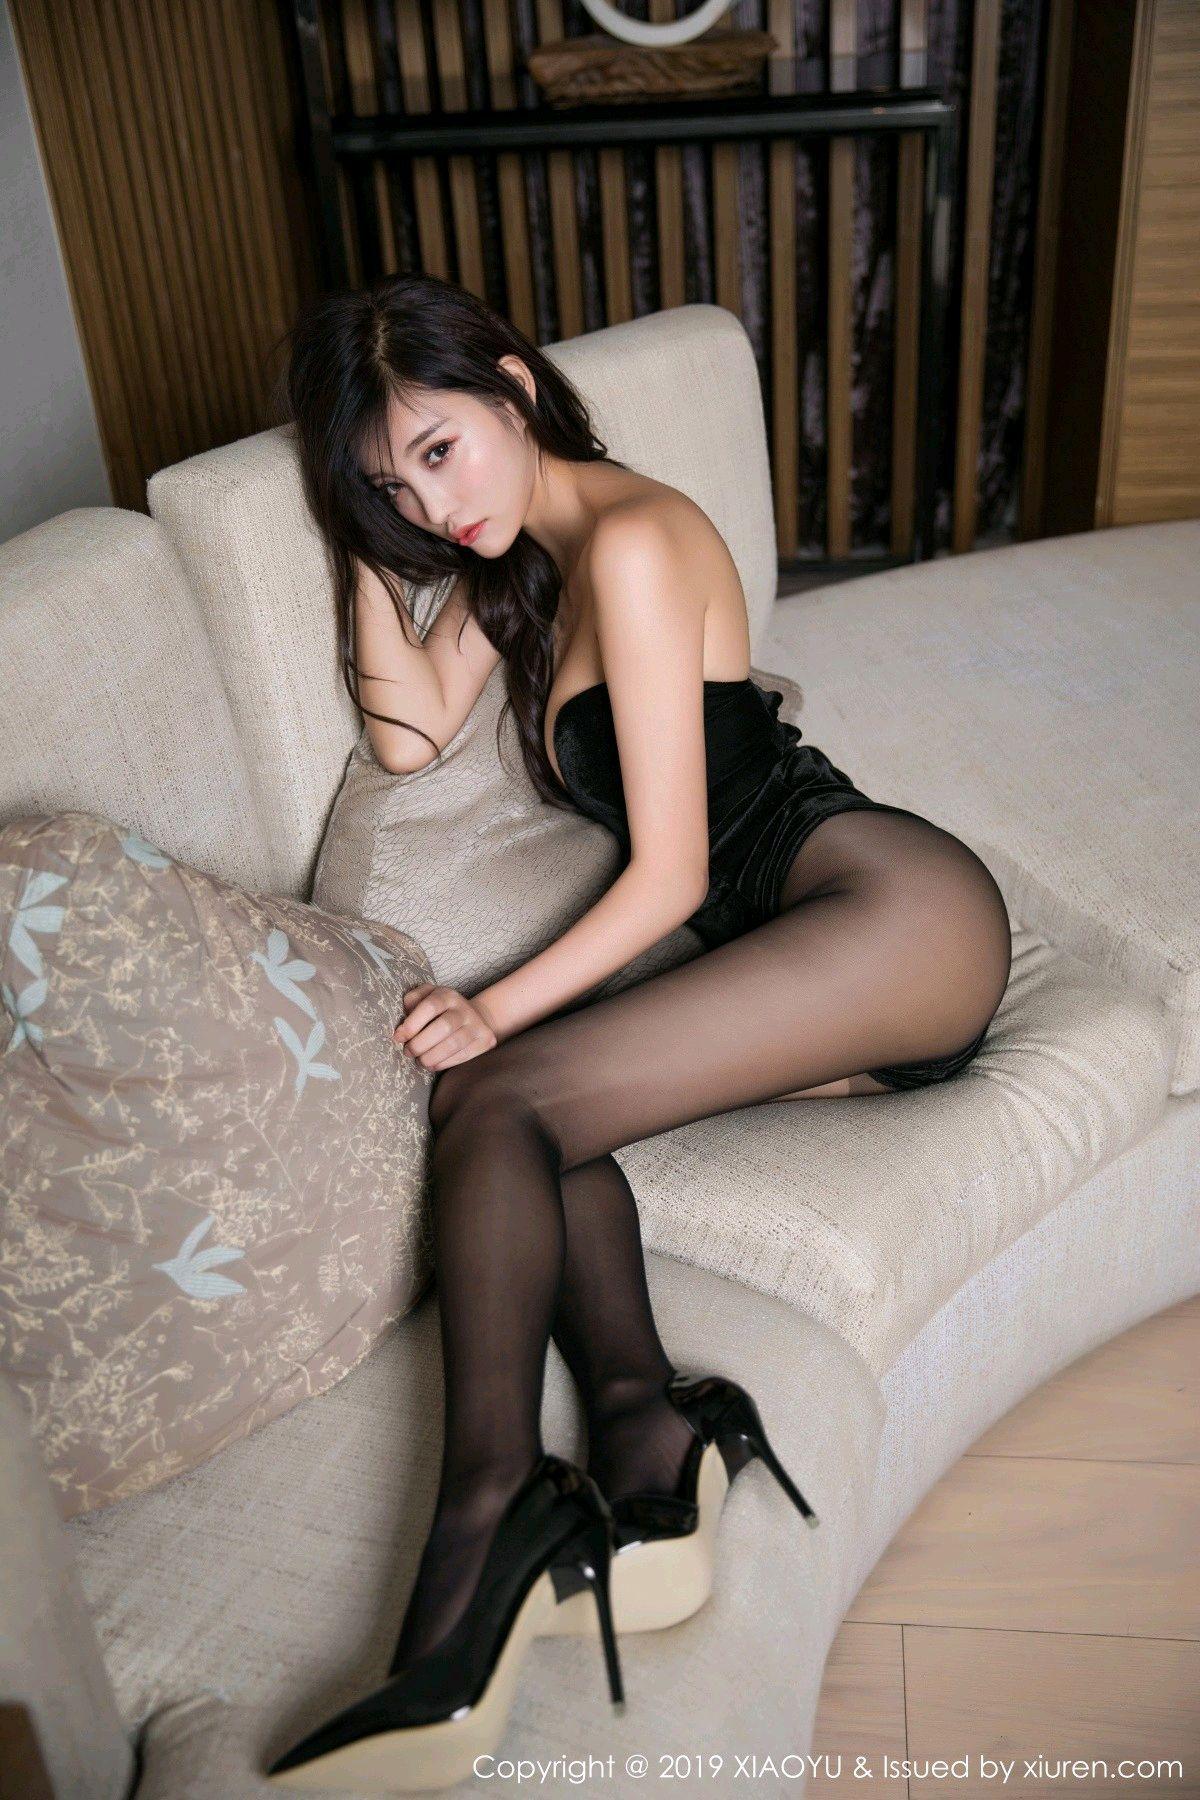 [XiaoYu] Vol.012 Yang Chen Chen 14P, Black Silk, Tall, XiaoYu, Yang Chen Chen